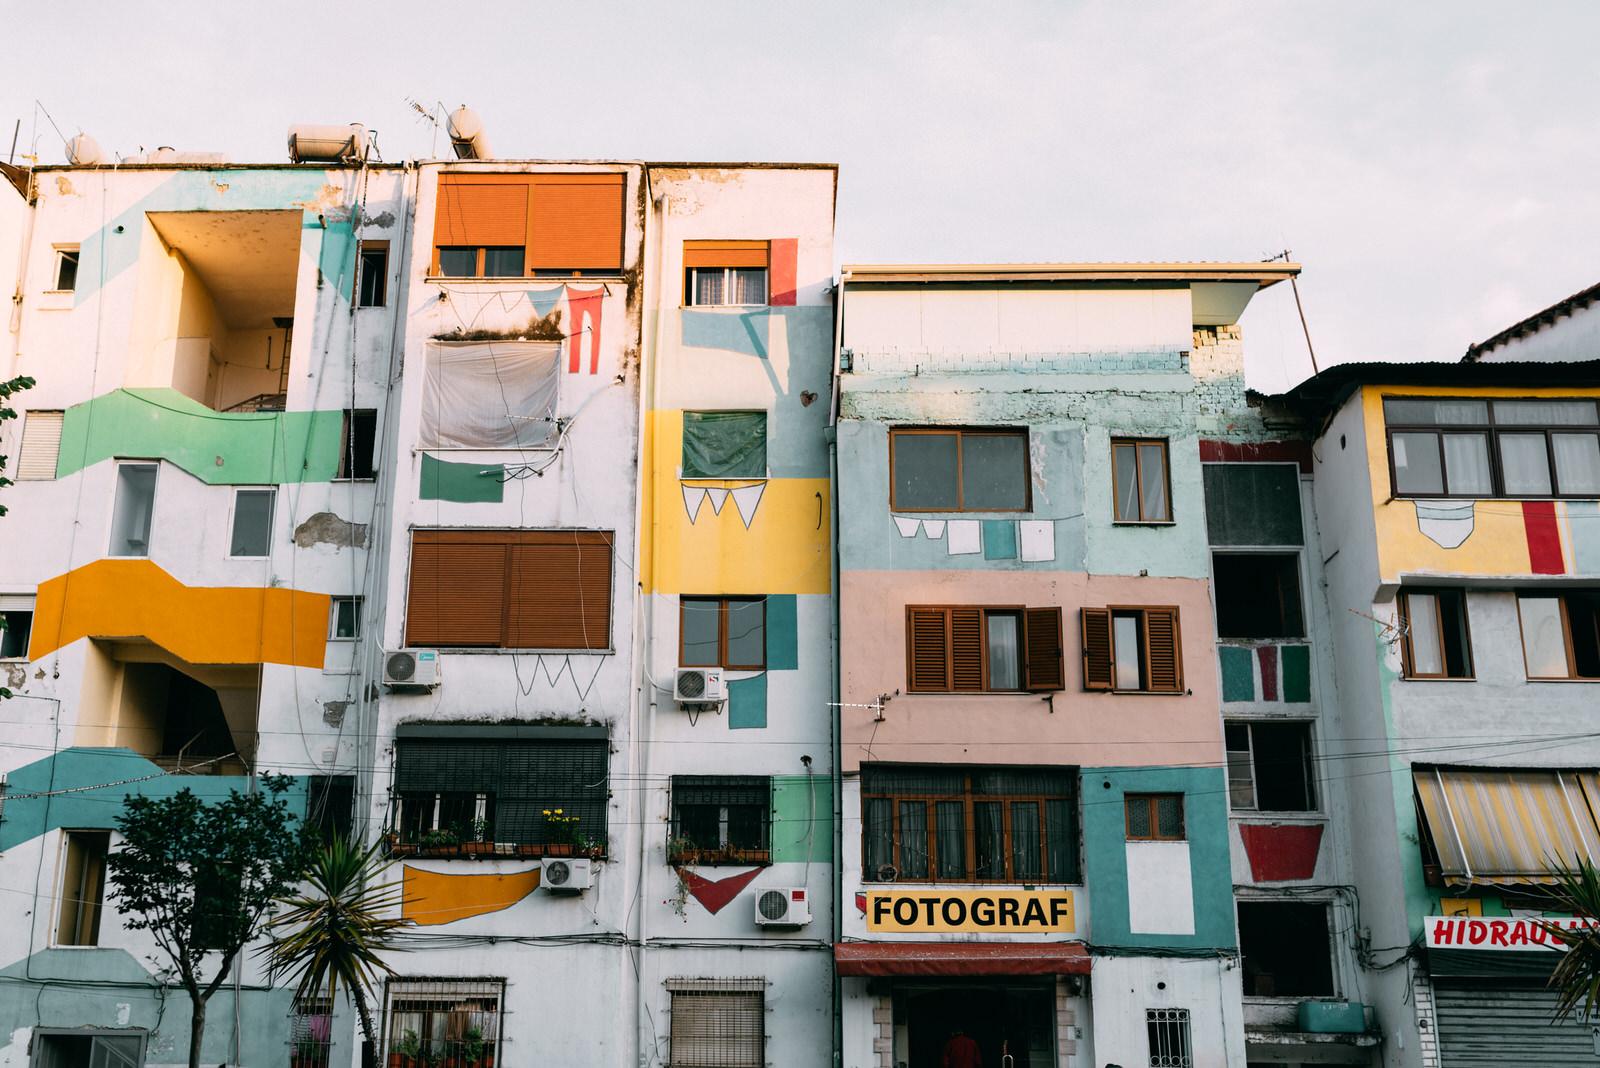 Tirana-B&W-27